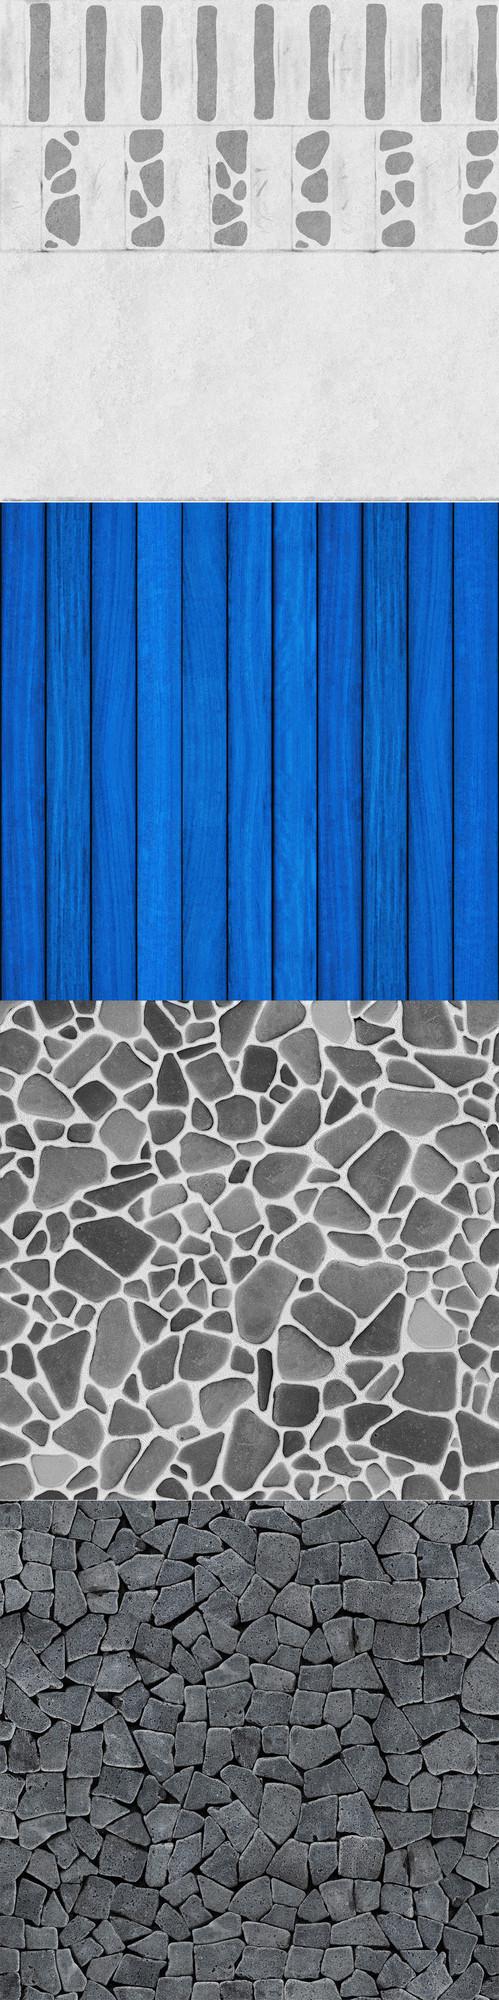 texturesemp.jpg